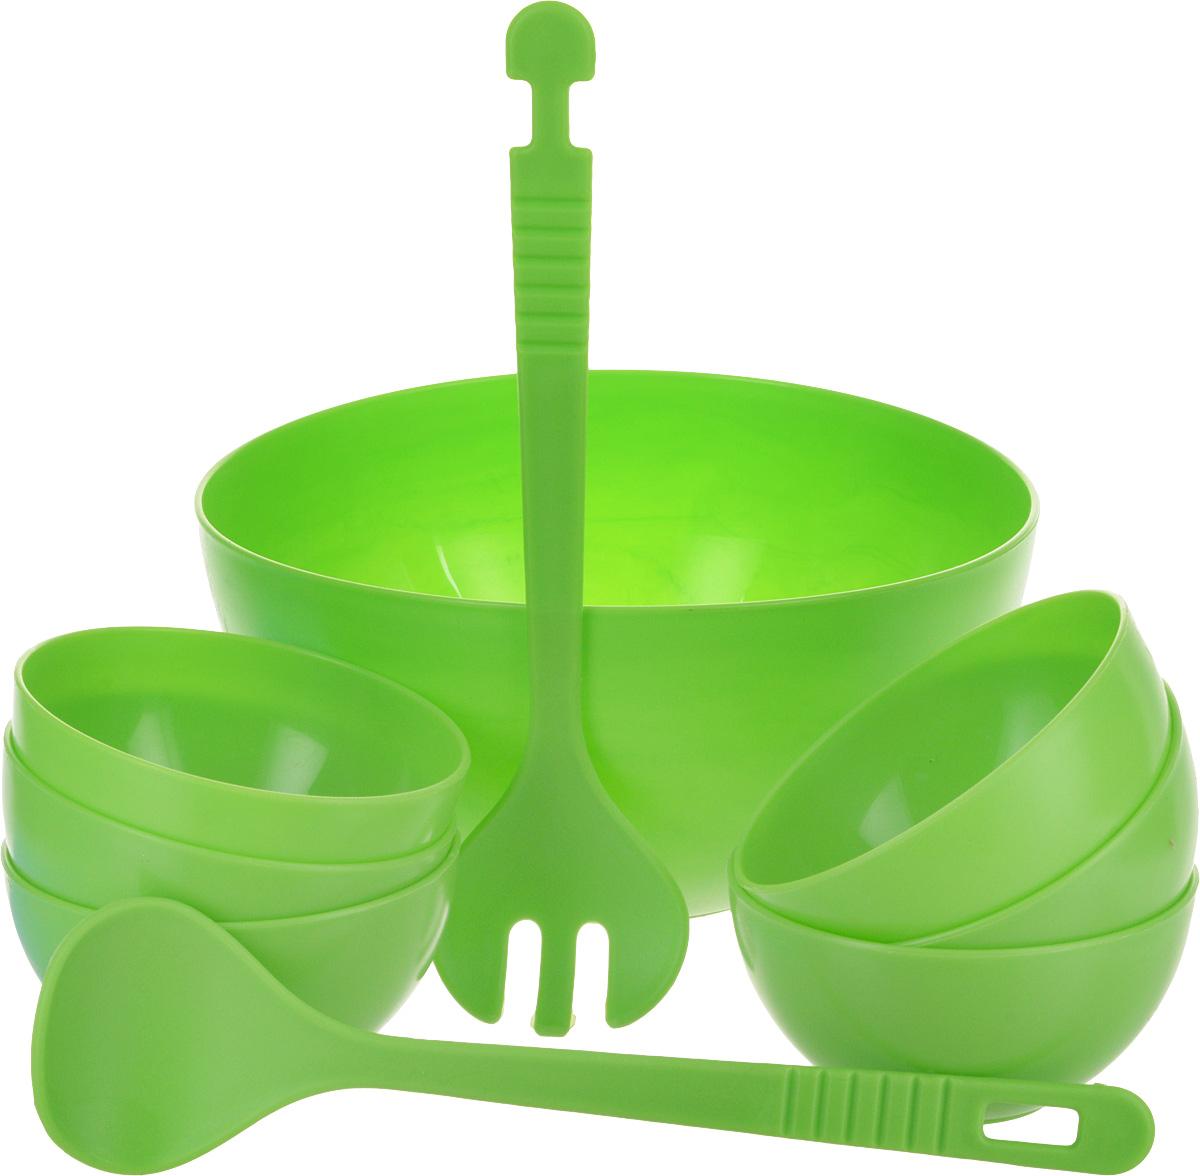 """Набор для салата """"Gotoff"""", цвет: салатовый, 9 предметов"""